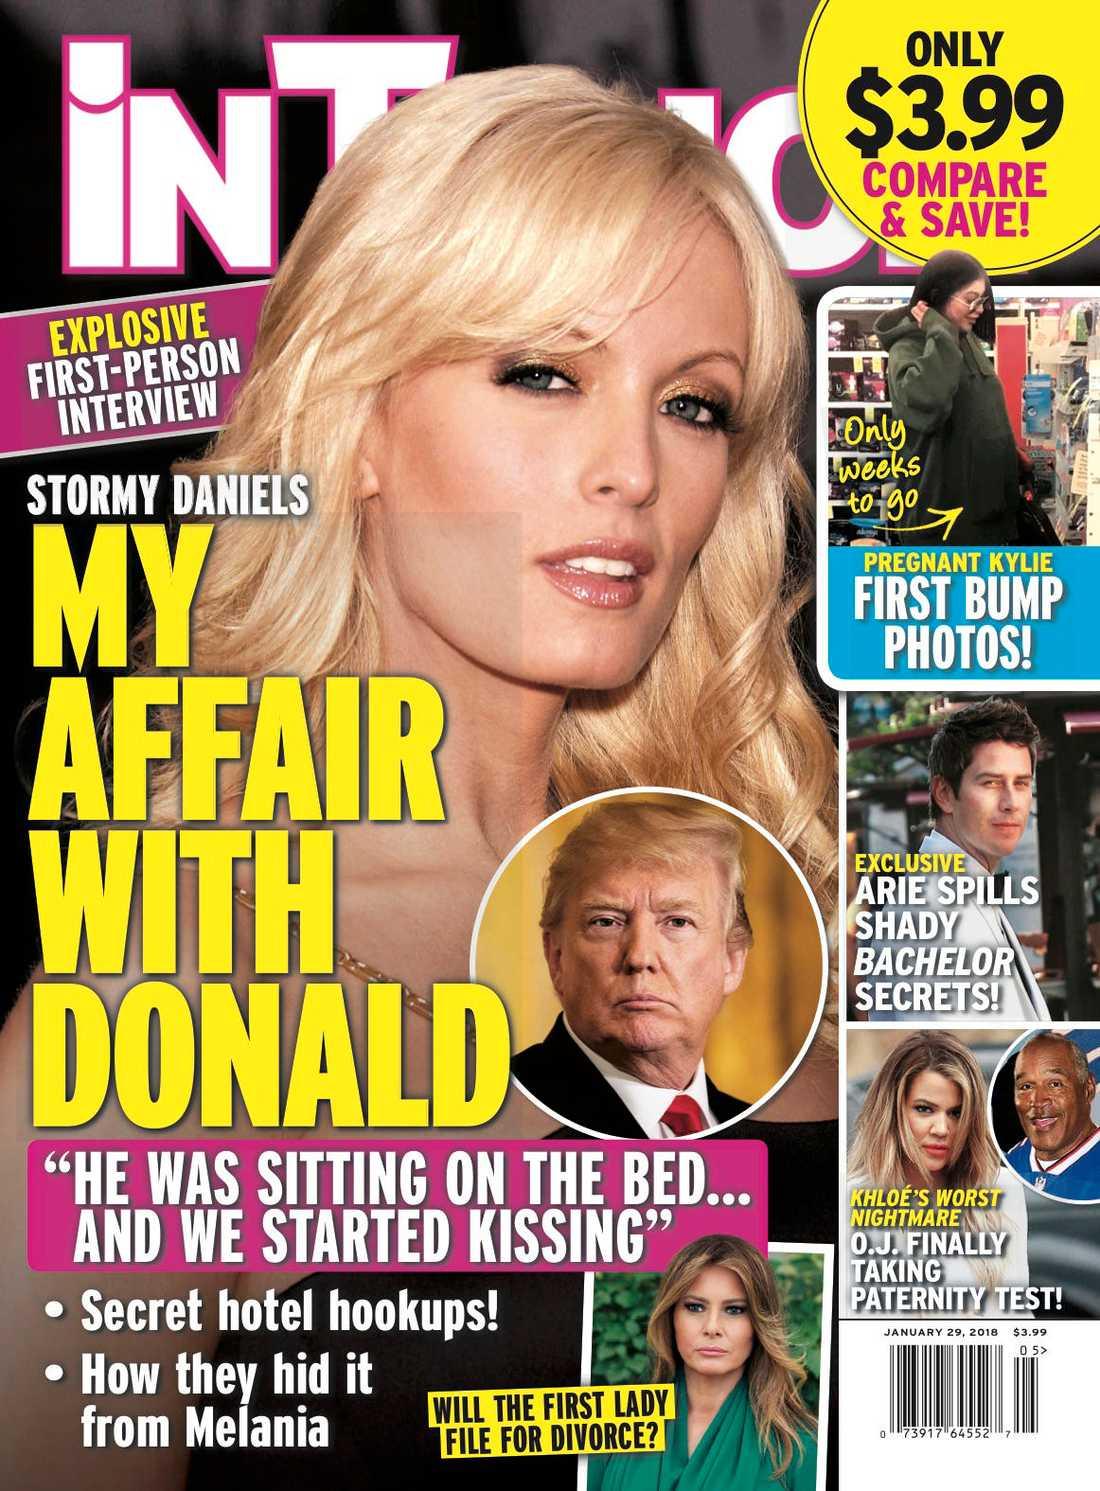 I senaste numret av tidningen inTouch publiceras en gammal intervju med Stormy Daniels från 2011 där hon berättar om mötet med presidenten som ska ha ägt rum 2006.